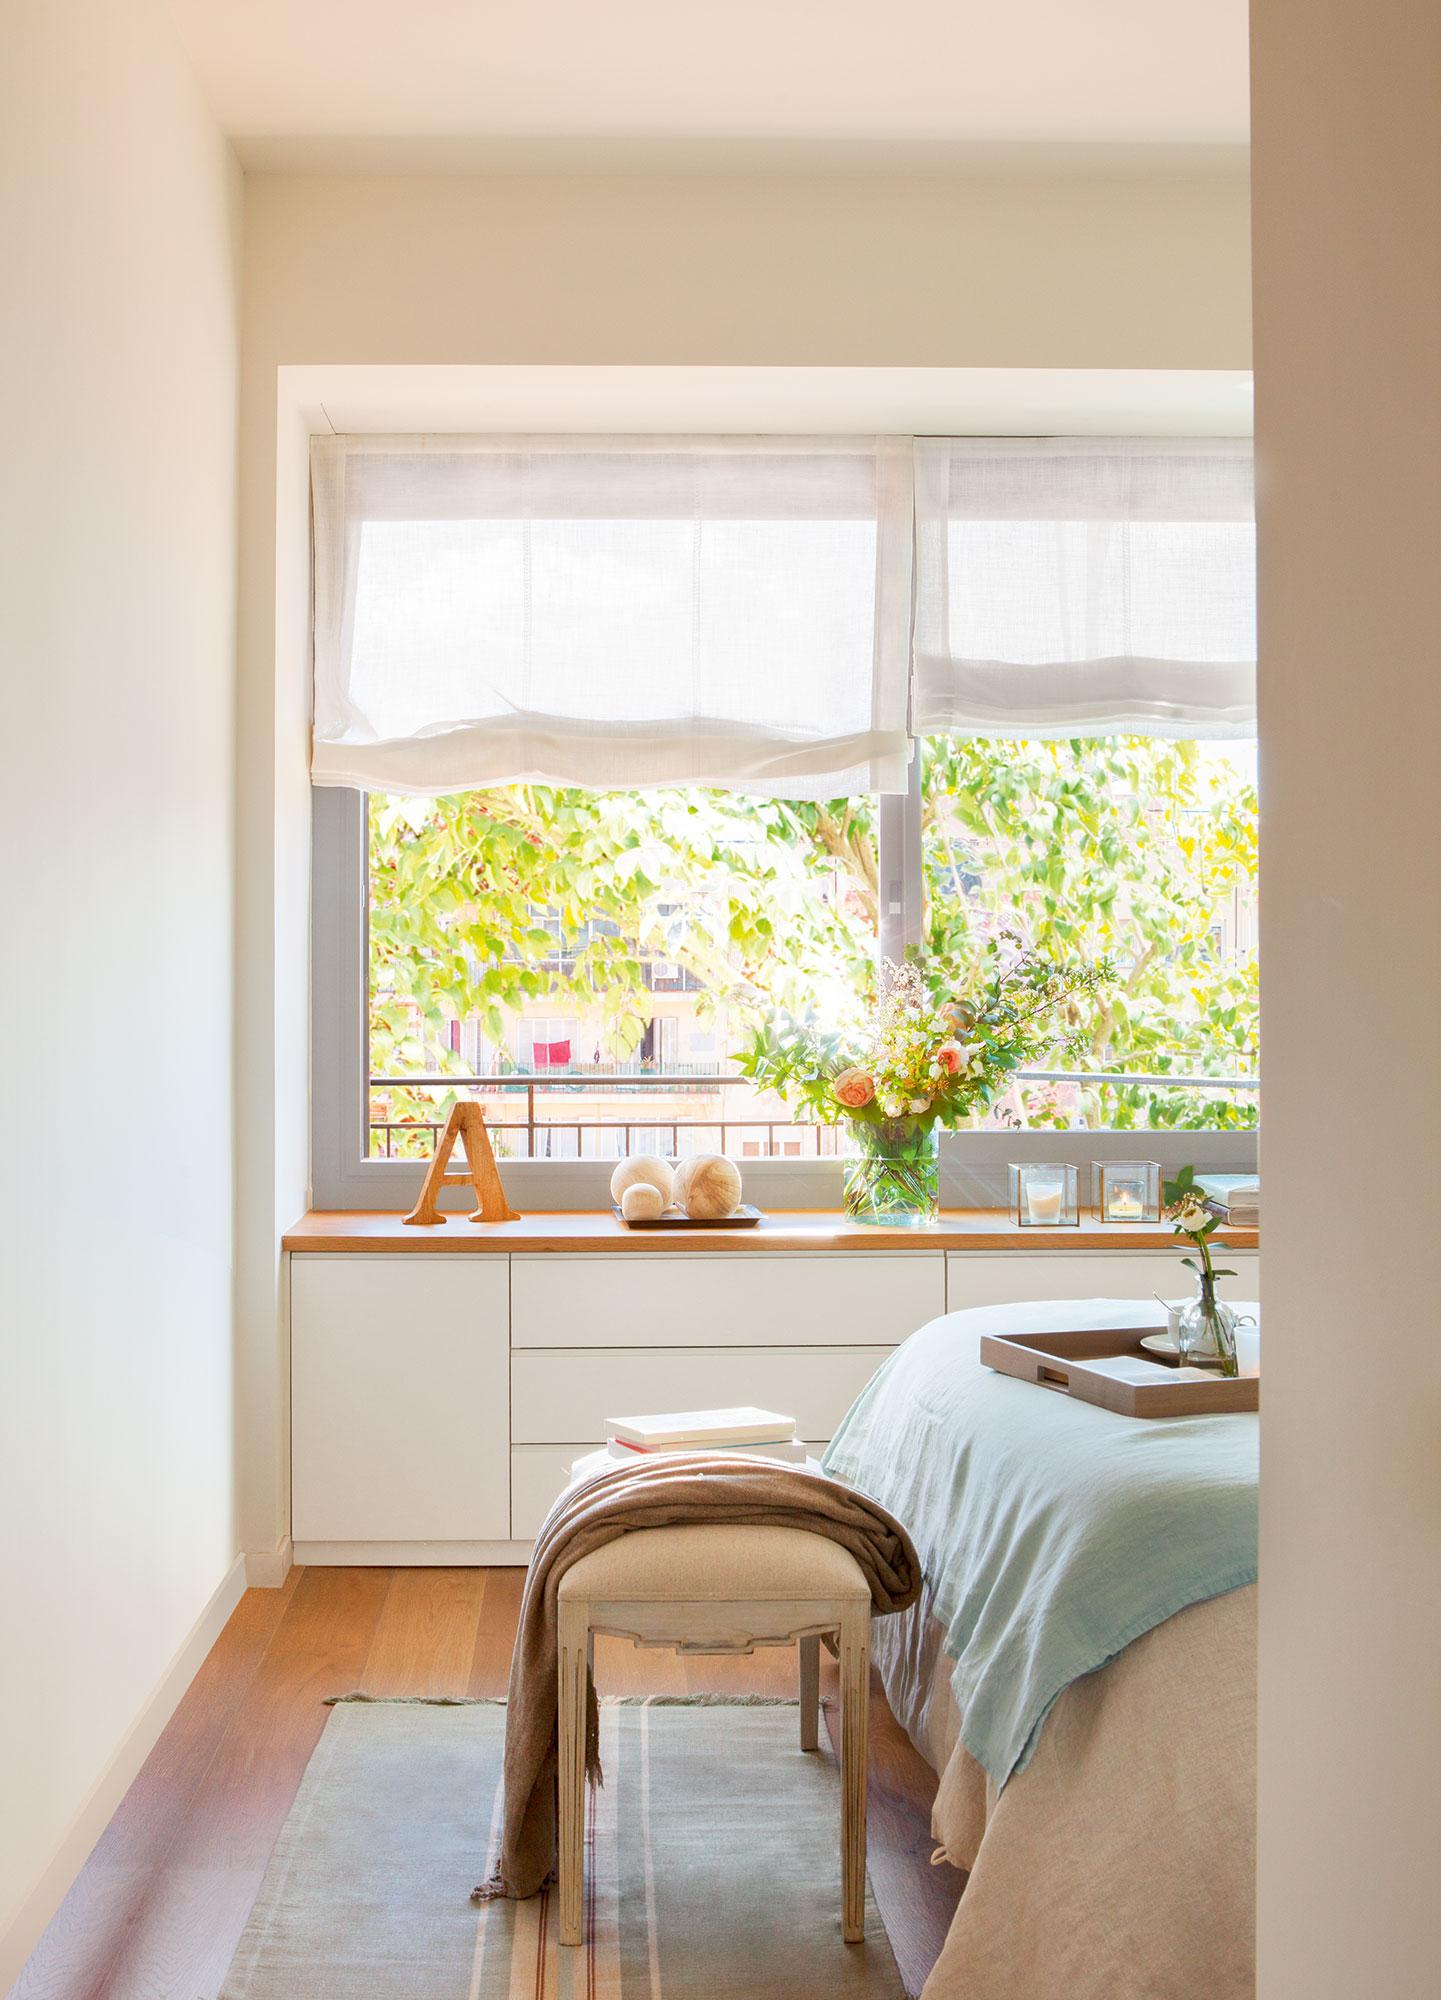 los pies de la cama una banqueta y bajo la ventana un pequeño mueble